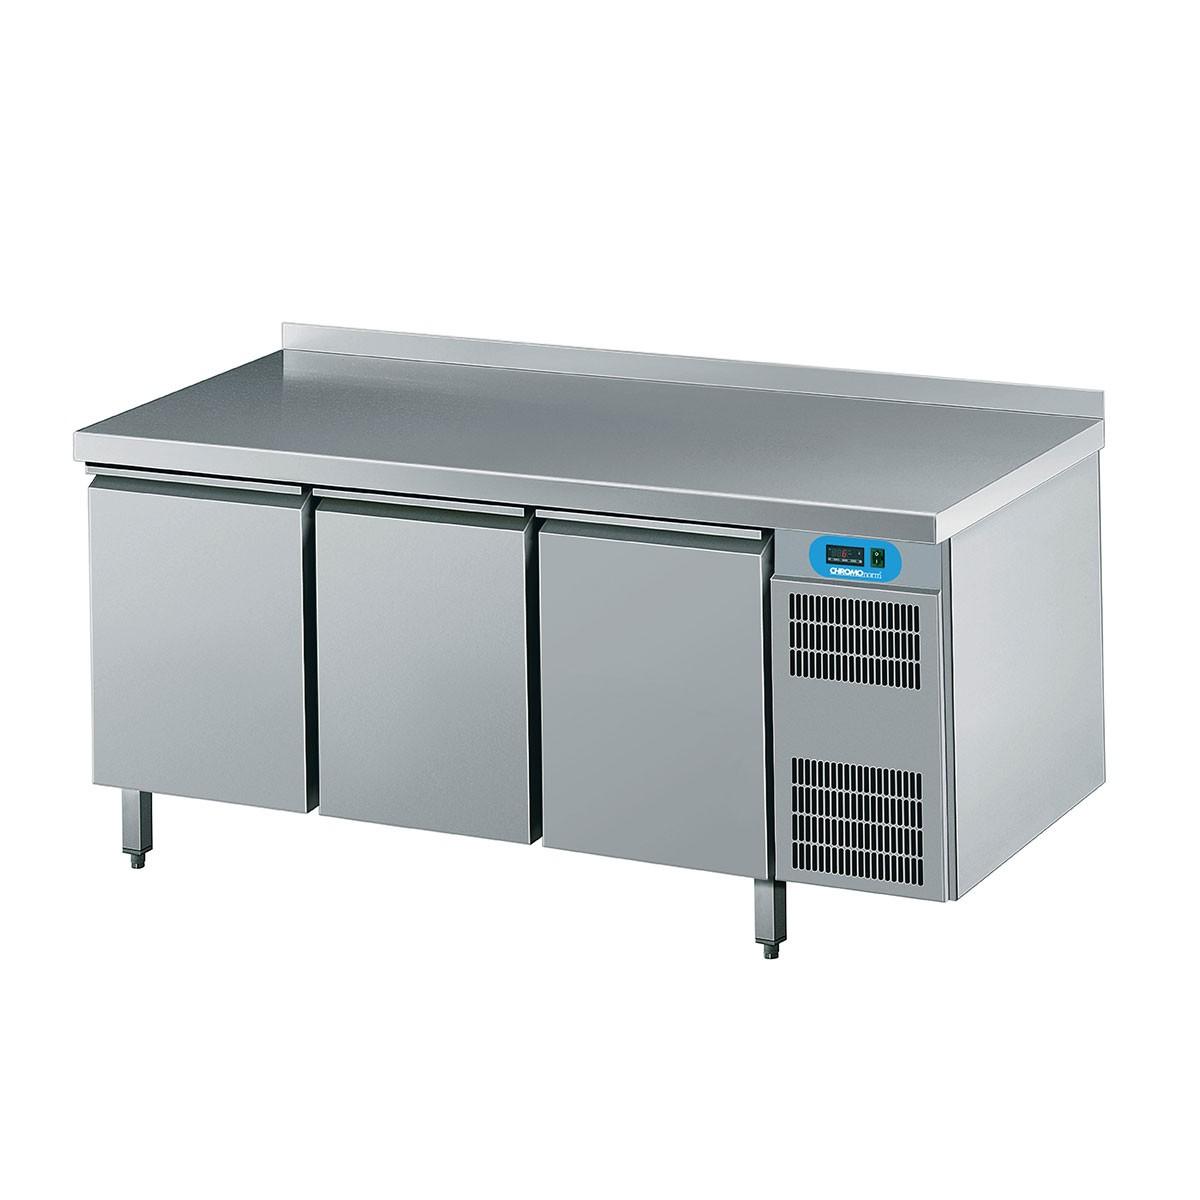 Chromonorm Kühltisch mit 3 Flügeltüren 1725 x 700mm CKTEK7311601-1/1/1